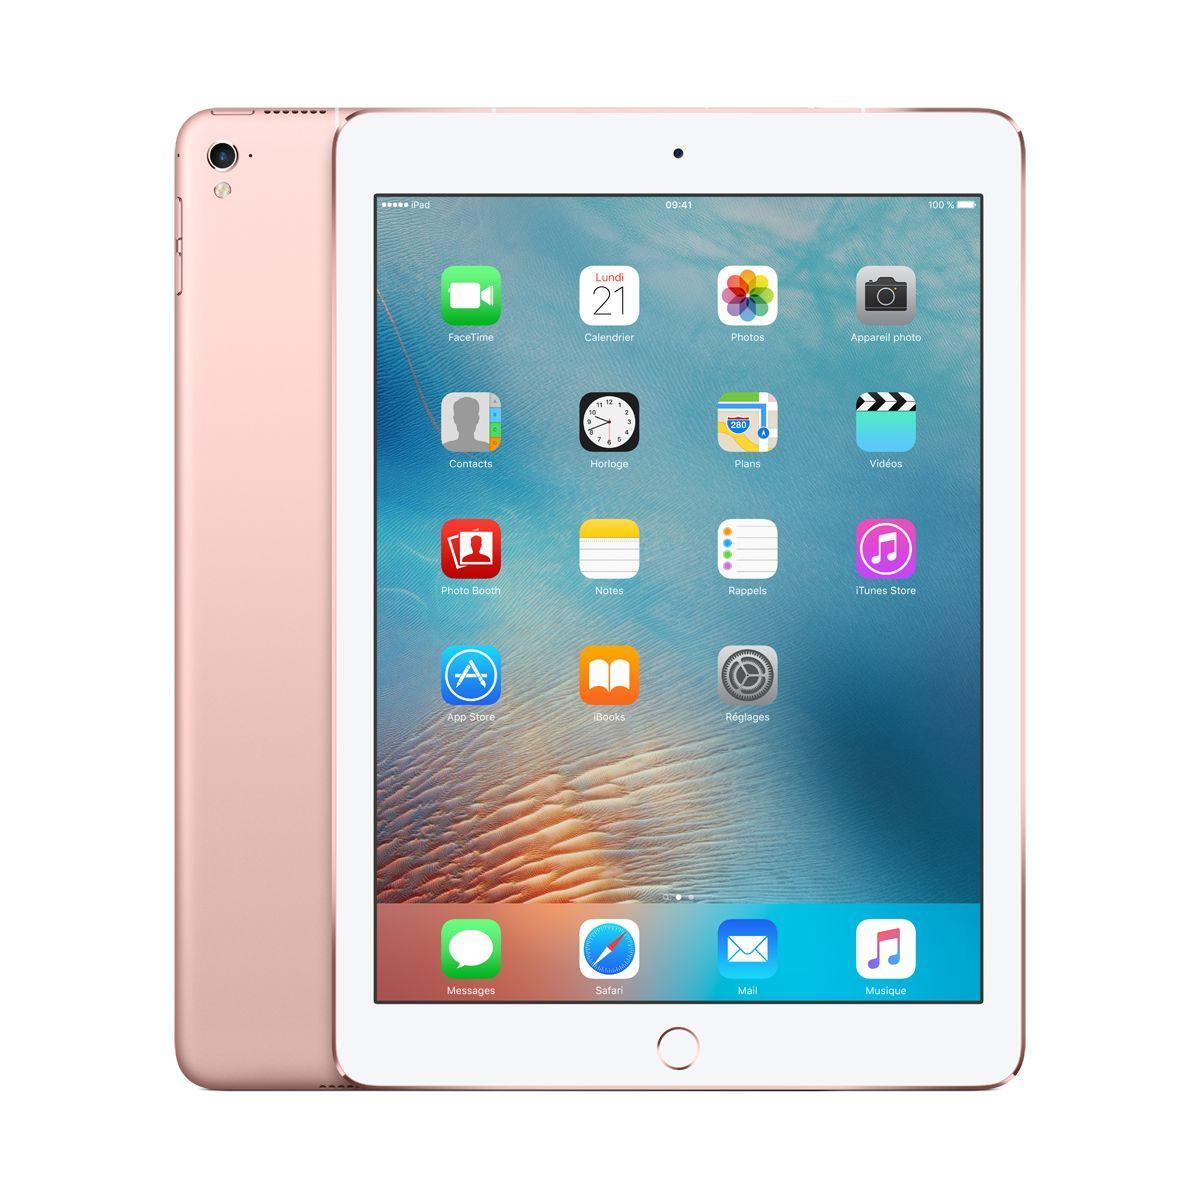 Apple ipad pro 9.7 32go cellular or rose - 15% de remise immédiate avec le code : fete15 (photo)